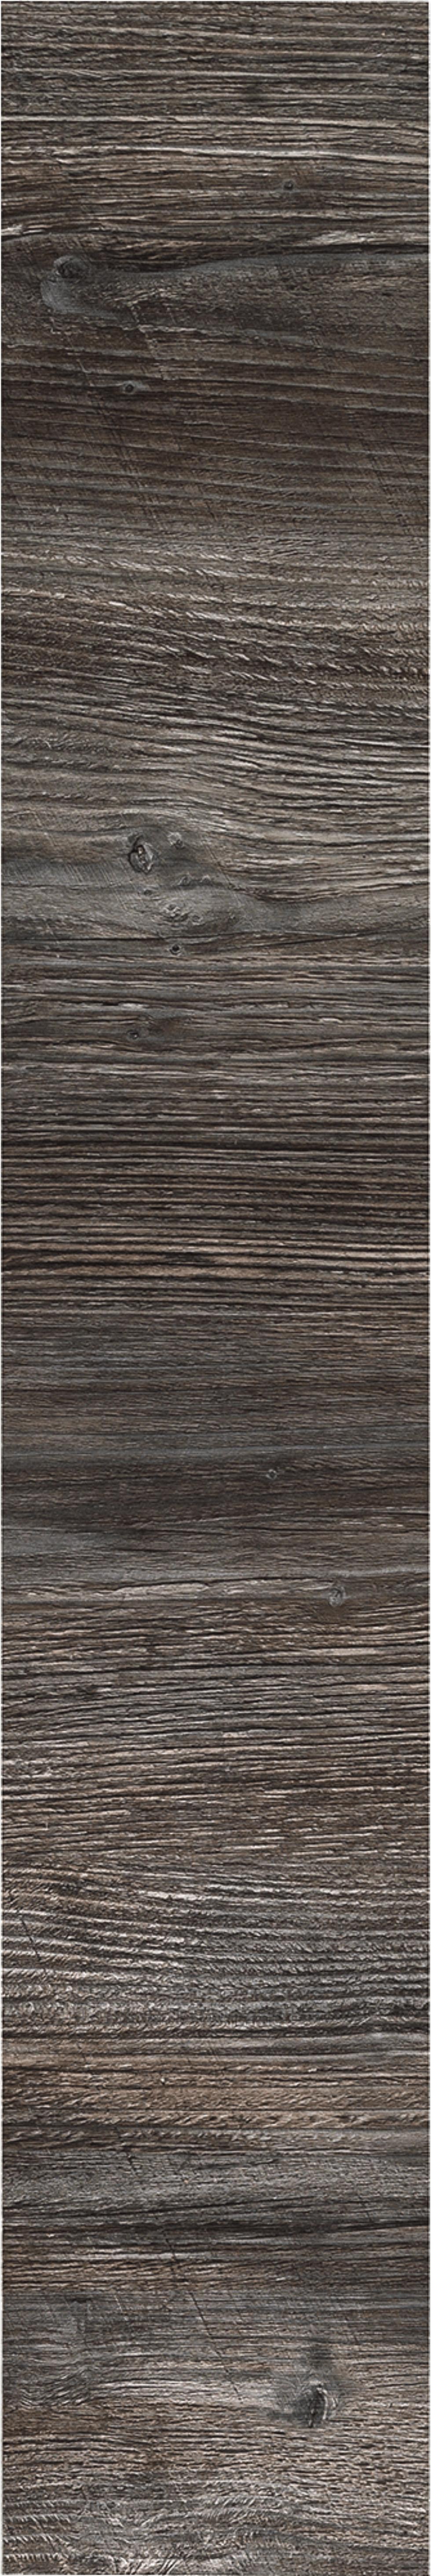 Дверь для шкафа «Сосна Лофт» 15х92 см, ЛДСП, цвет тёмное дерево